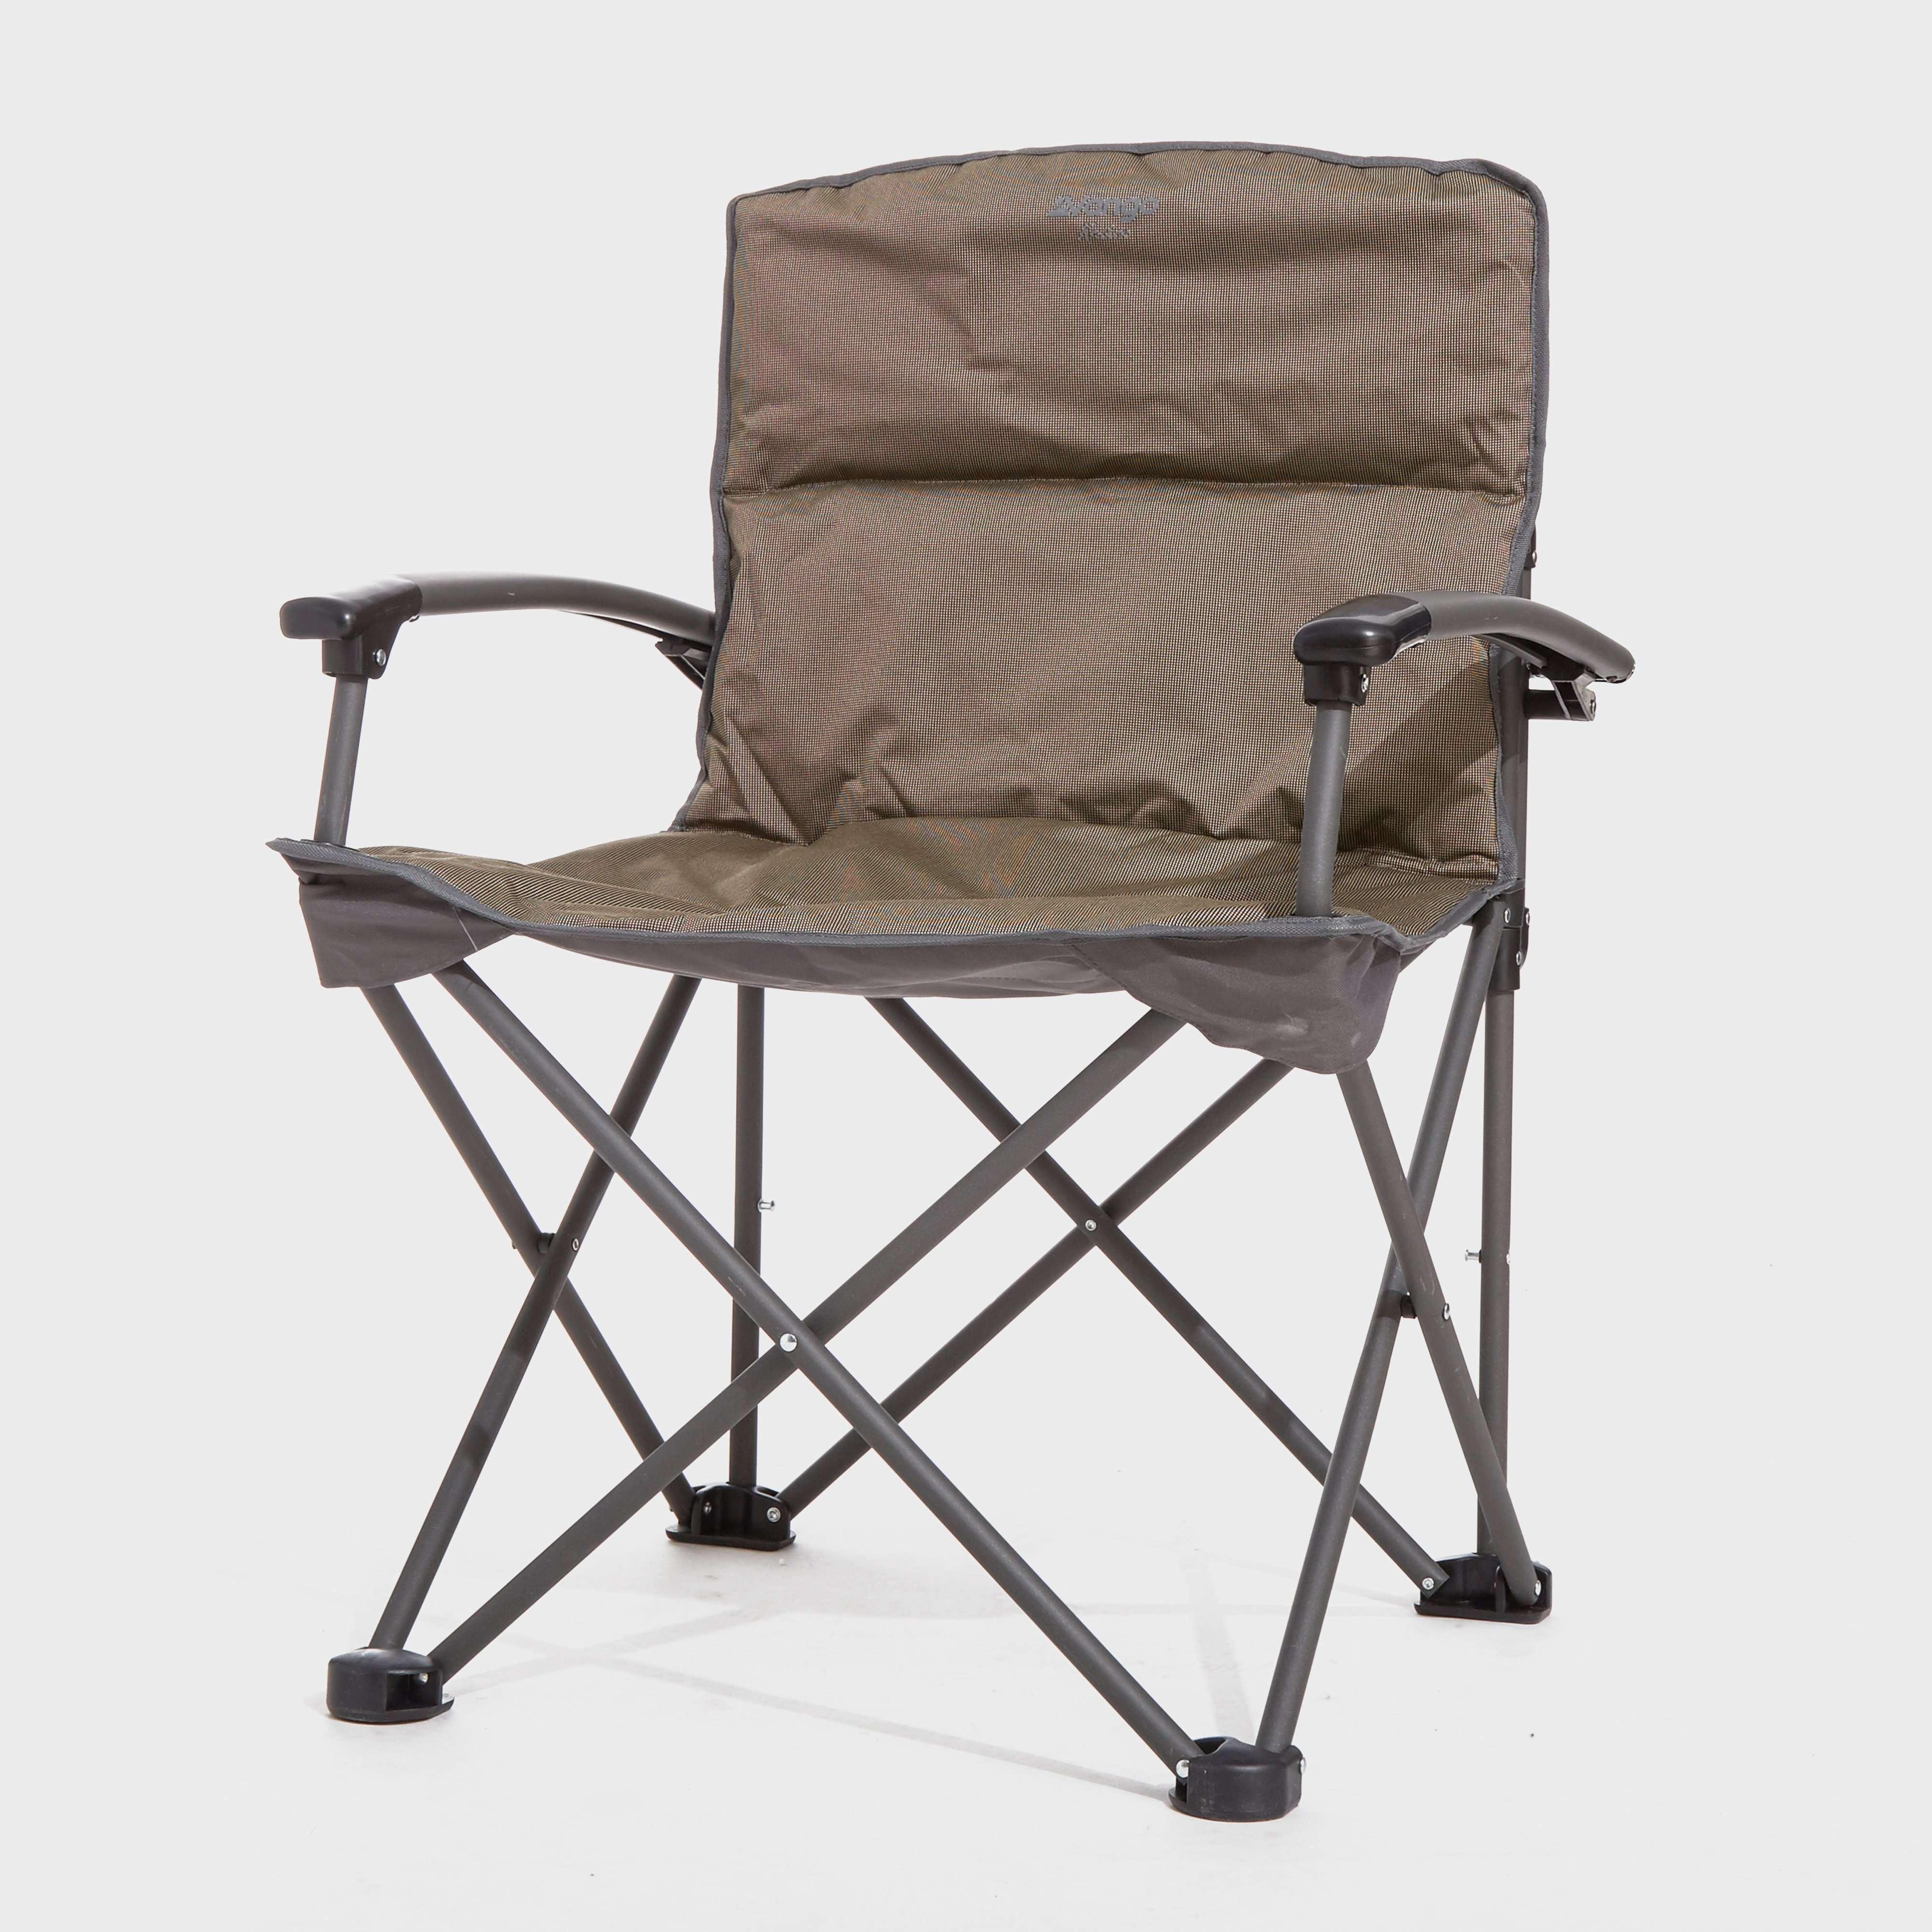 VANGO Kraken Camping Chair